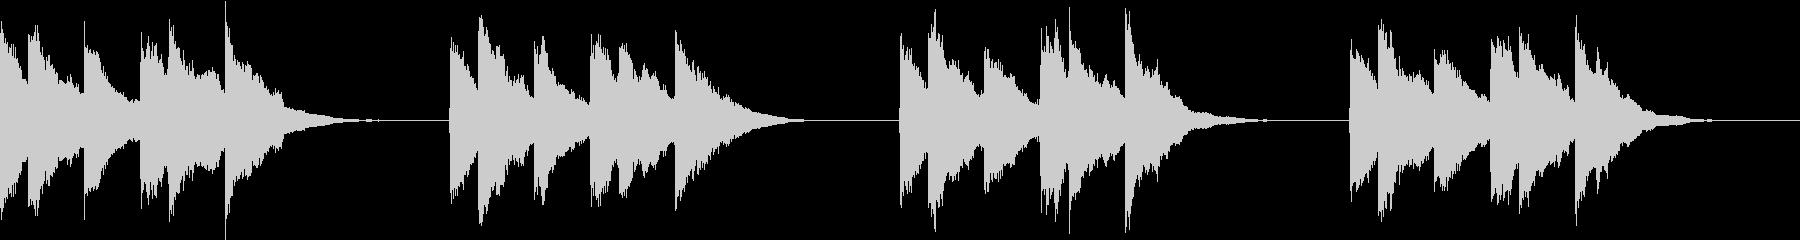 シンプル ベル 着信音 チャイム A20の未再生の波形